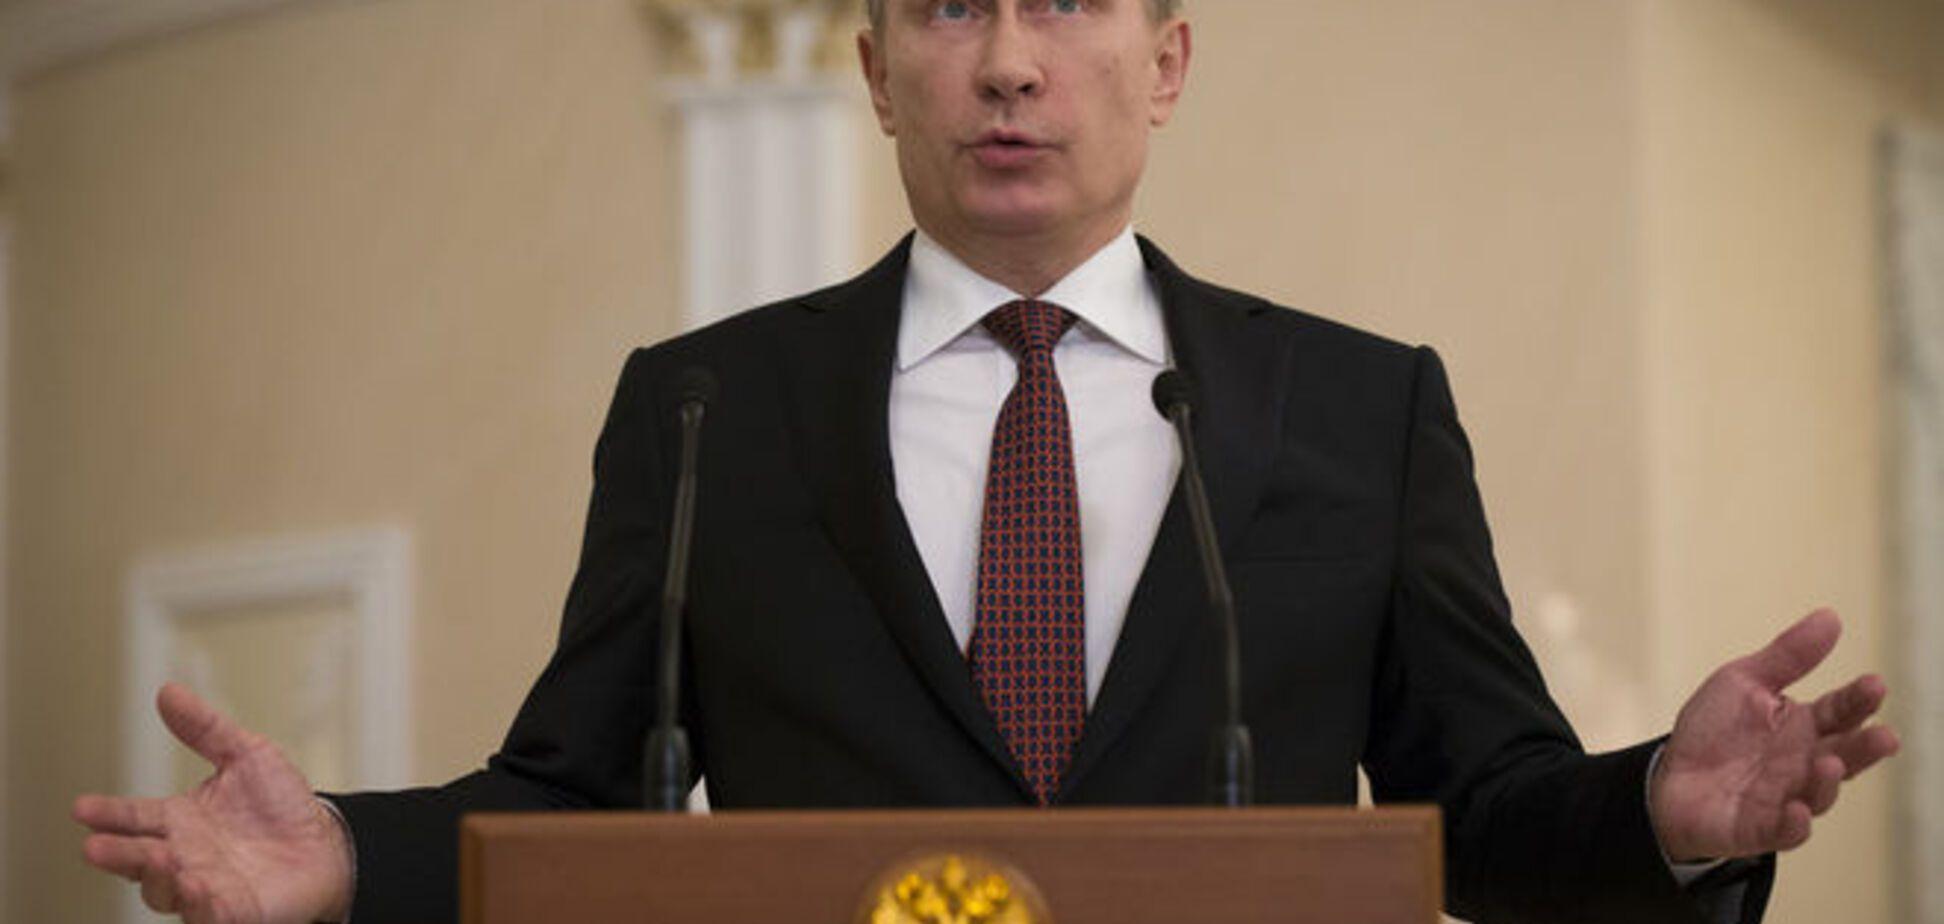 Следуя сценарию войны, навязанному Путиным, мы проиграем – волонтер Касьянов